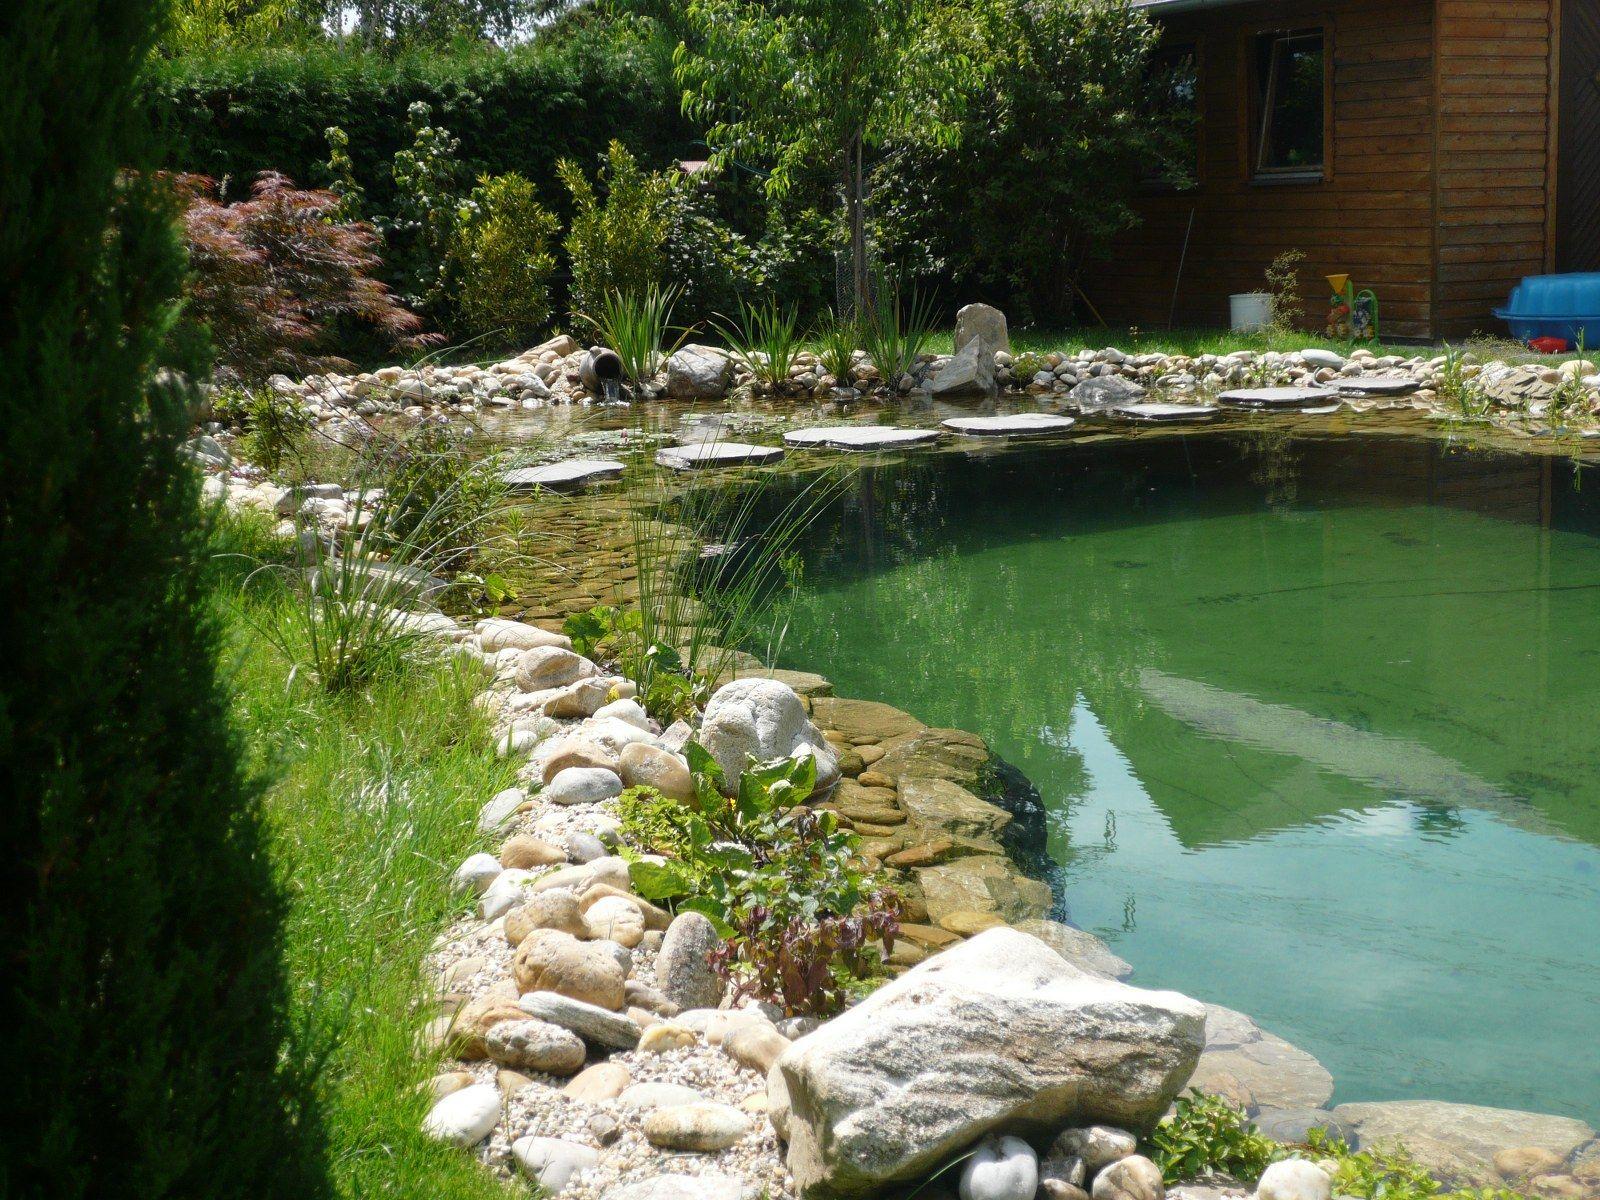 randgestaltung   zukünftige projekte   pinterest   gärten, Gartenarbeit ideen